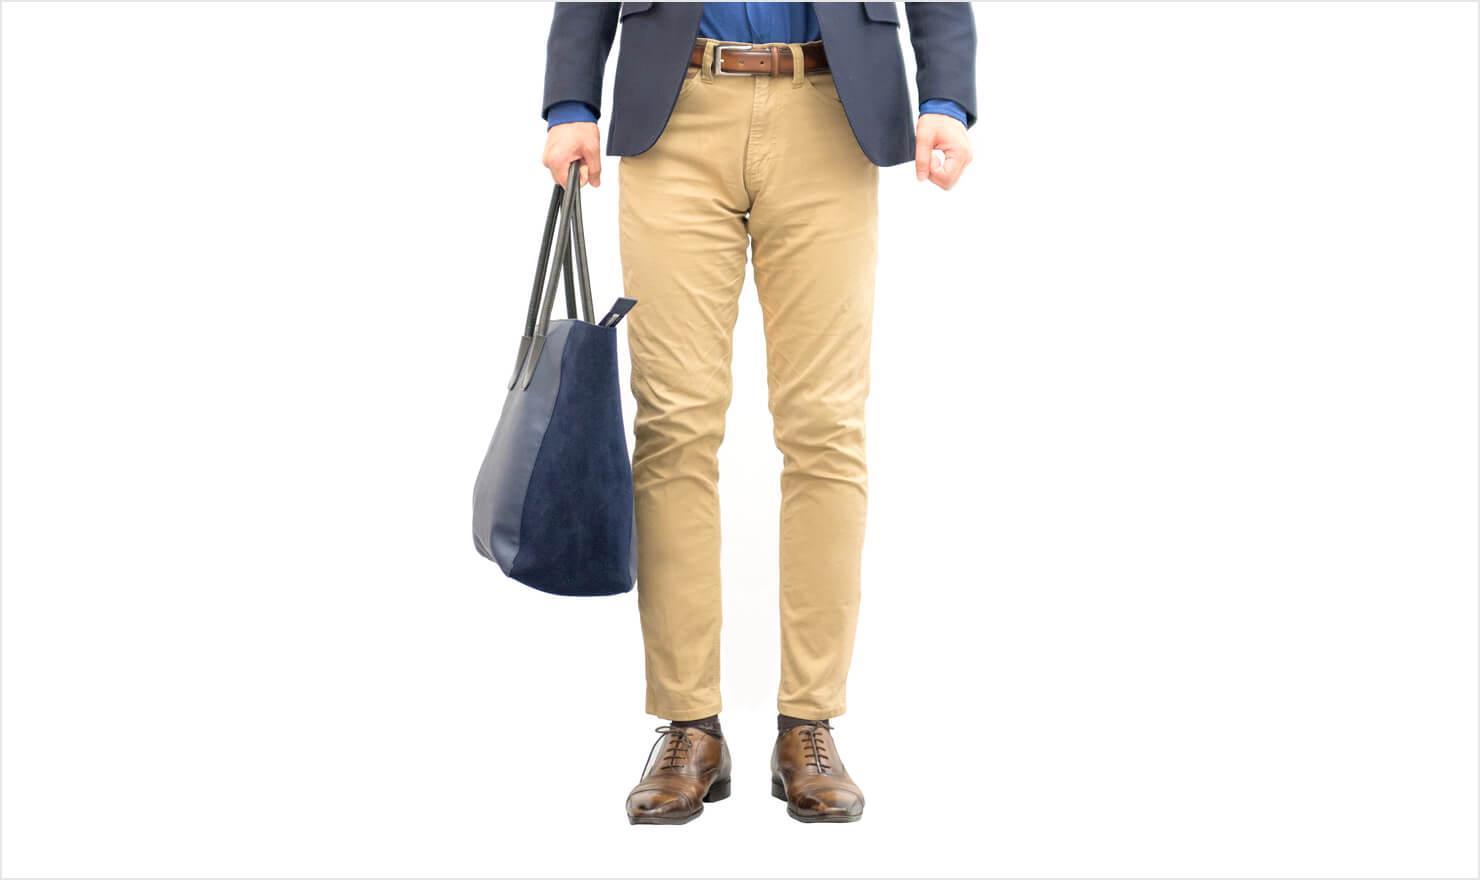 男性のズボン姿